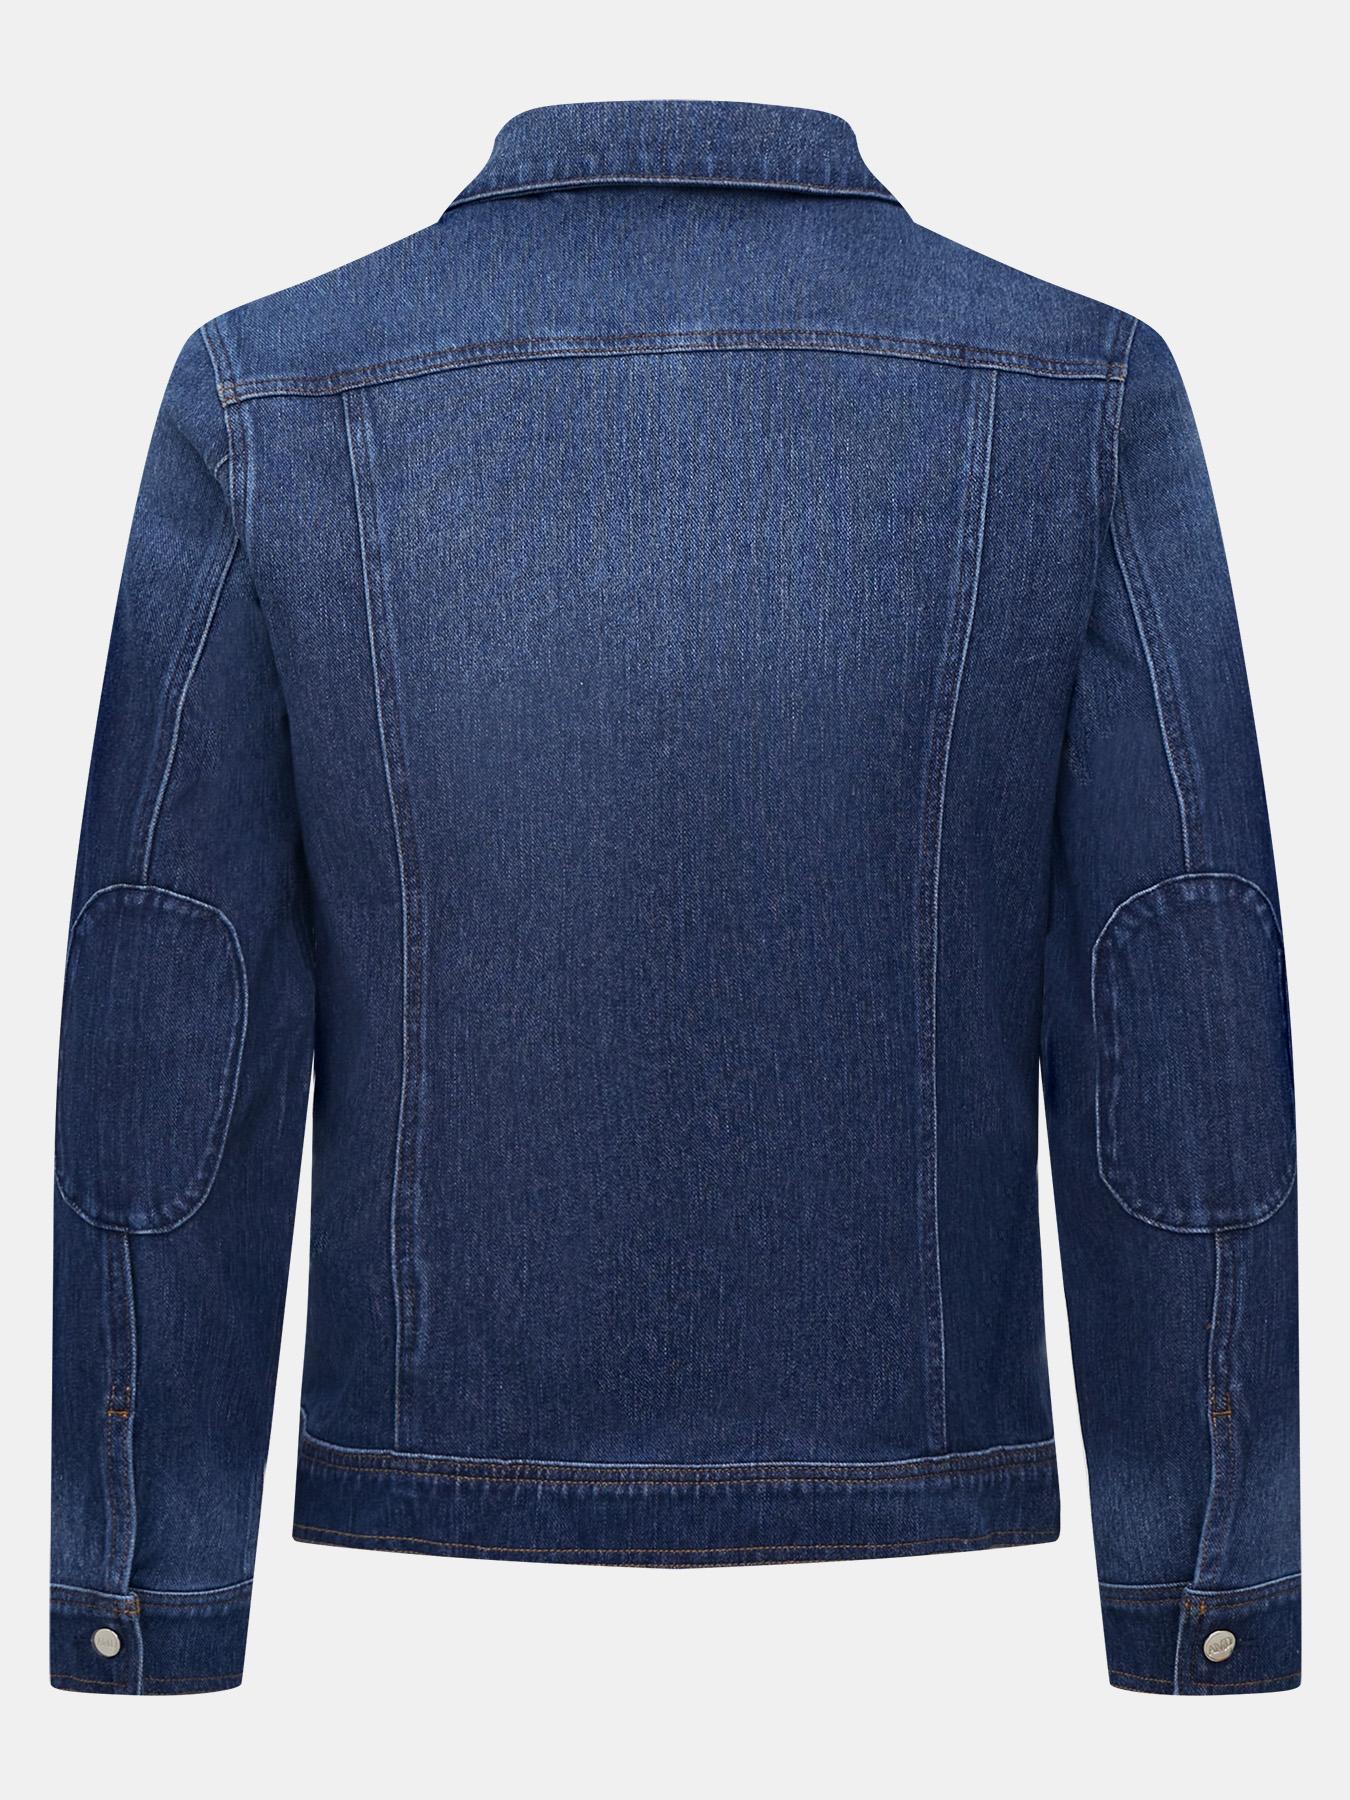 Куртка Alessandro Manzoni Denim Джинсовая куртка